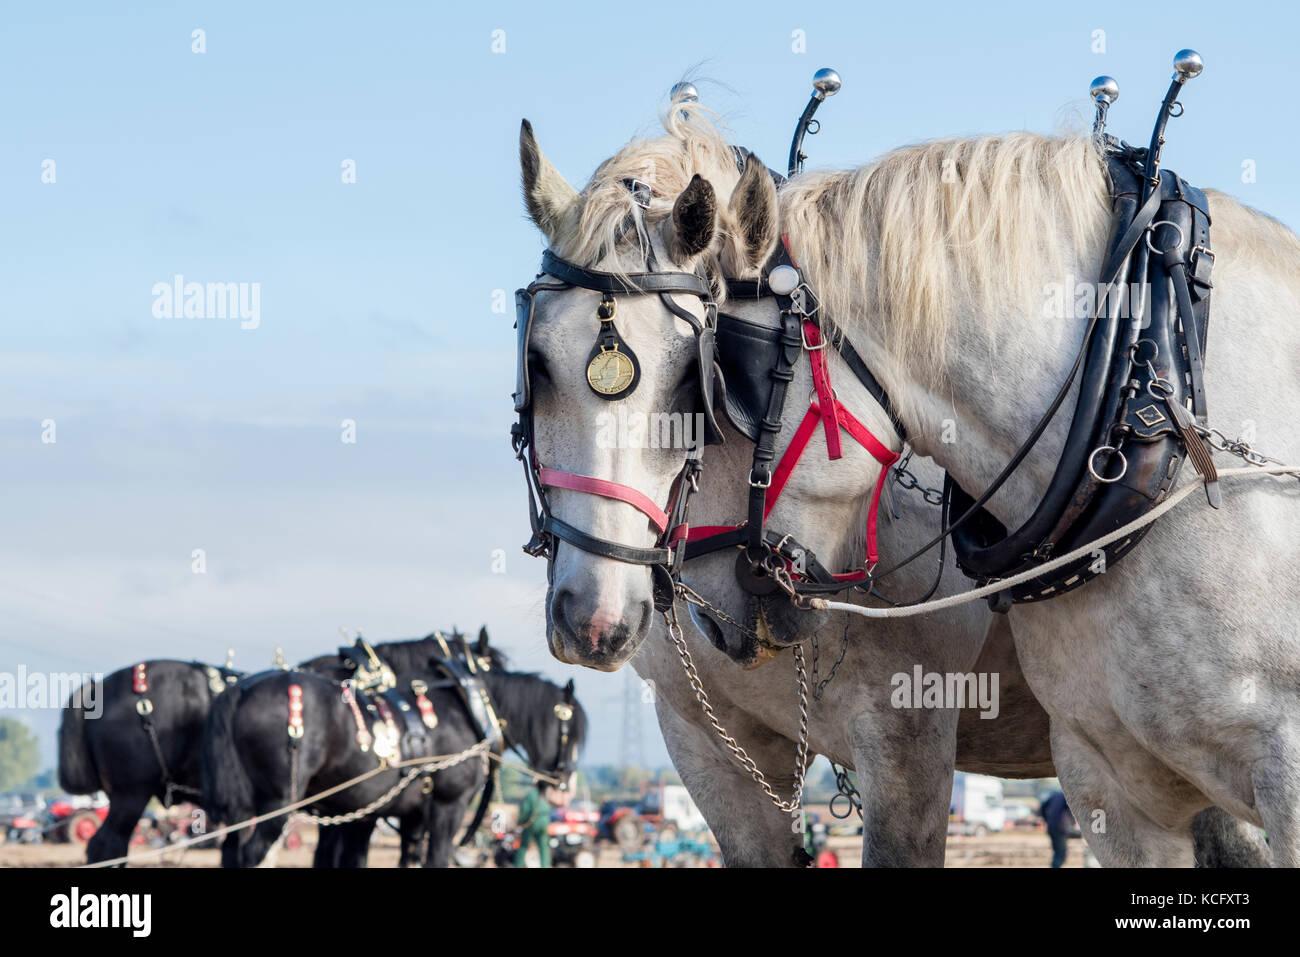 Horses ploughing at Flintham Show, Nottinghamshire, England - Stock Image